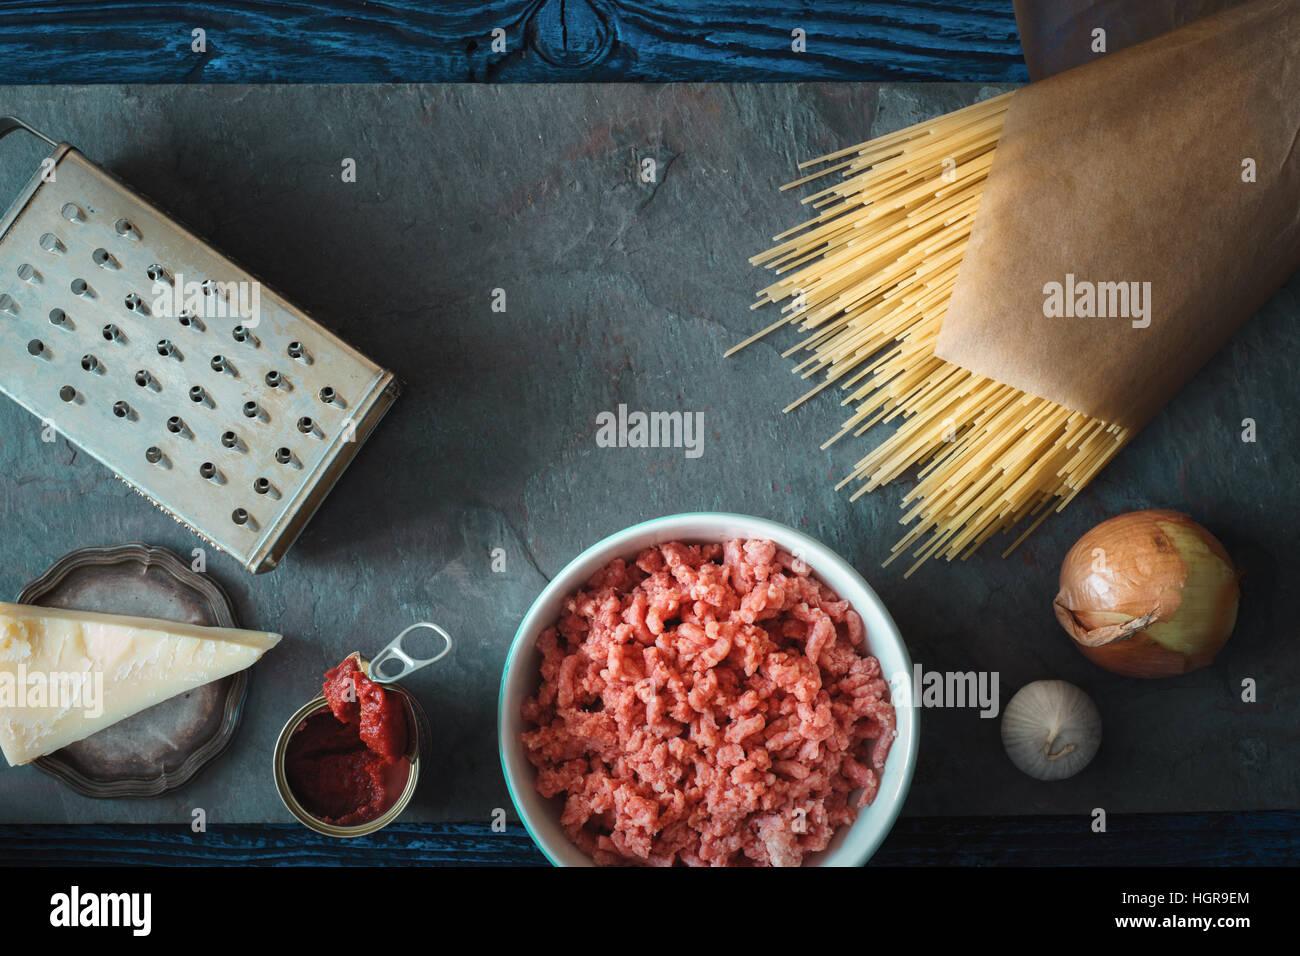 Zutaten für Spaghetti mit Fleischbällchen auf dem Stein Hintergrund horizontale Stockbild